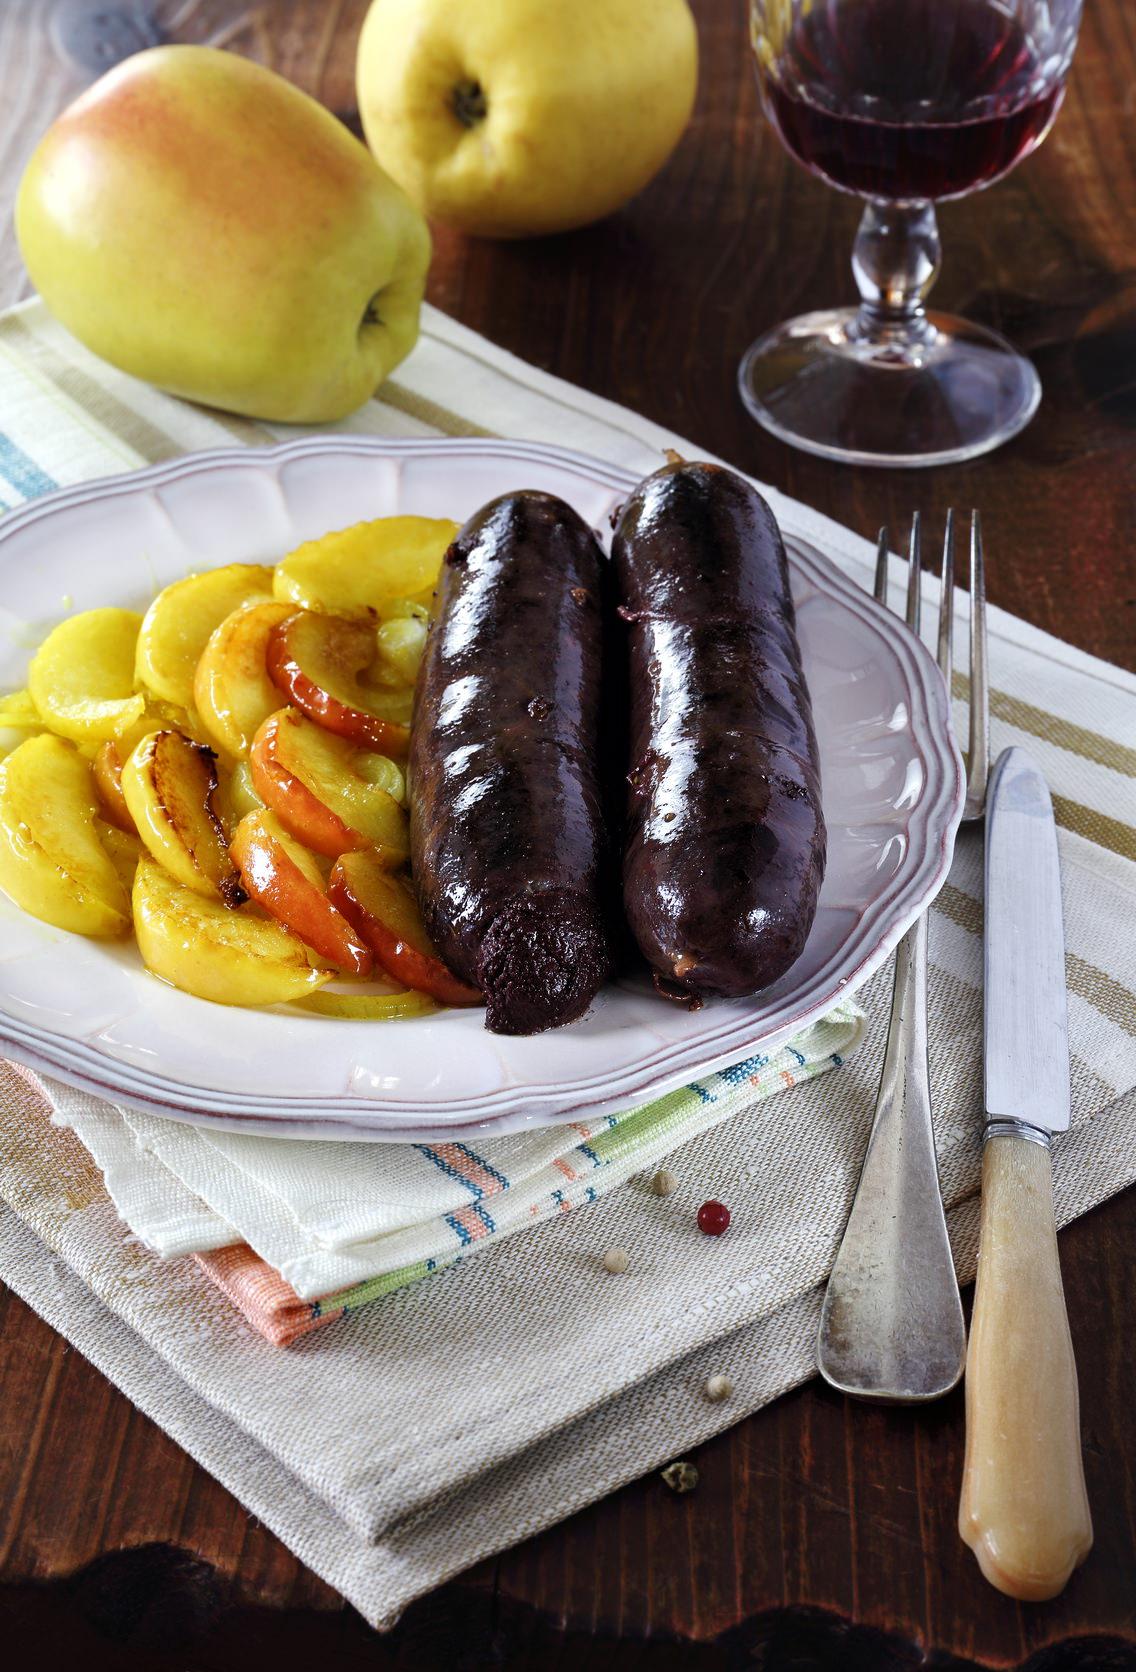 Boudin noir aux pommes un grand classique sal sucr de la cuisine fran aise les recettes de - Grand classique cuisine francaise ...